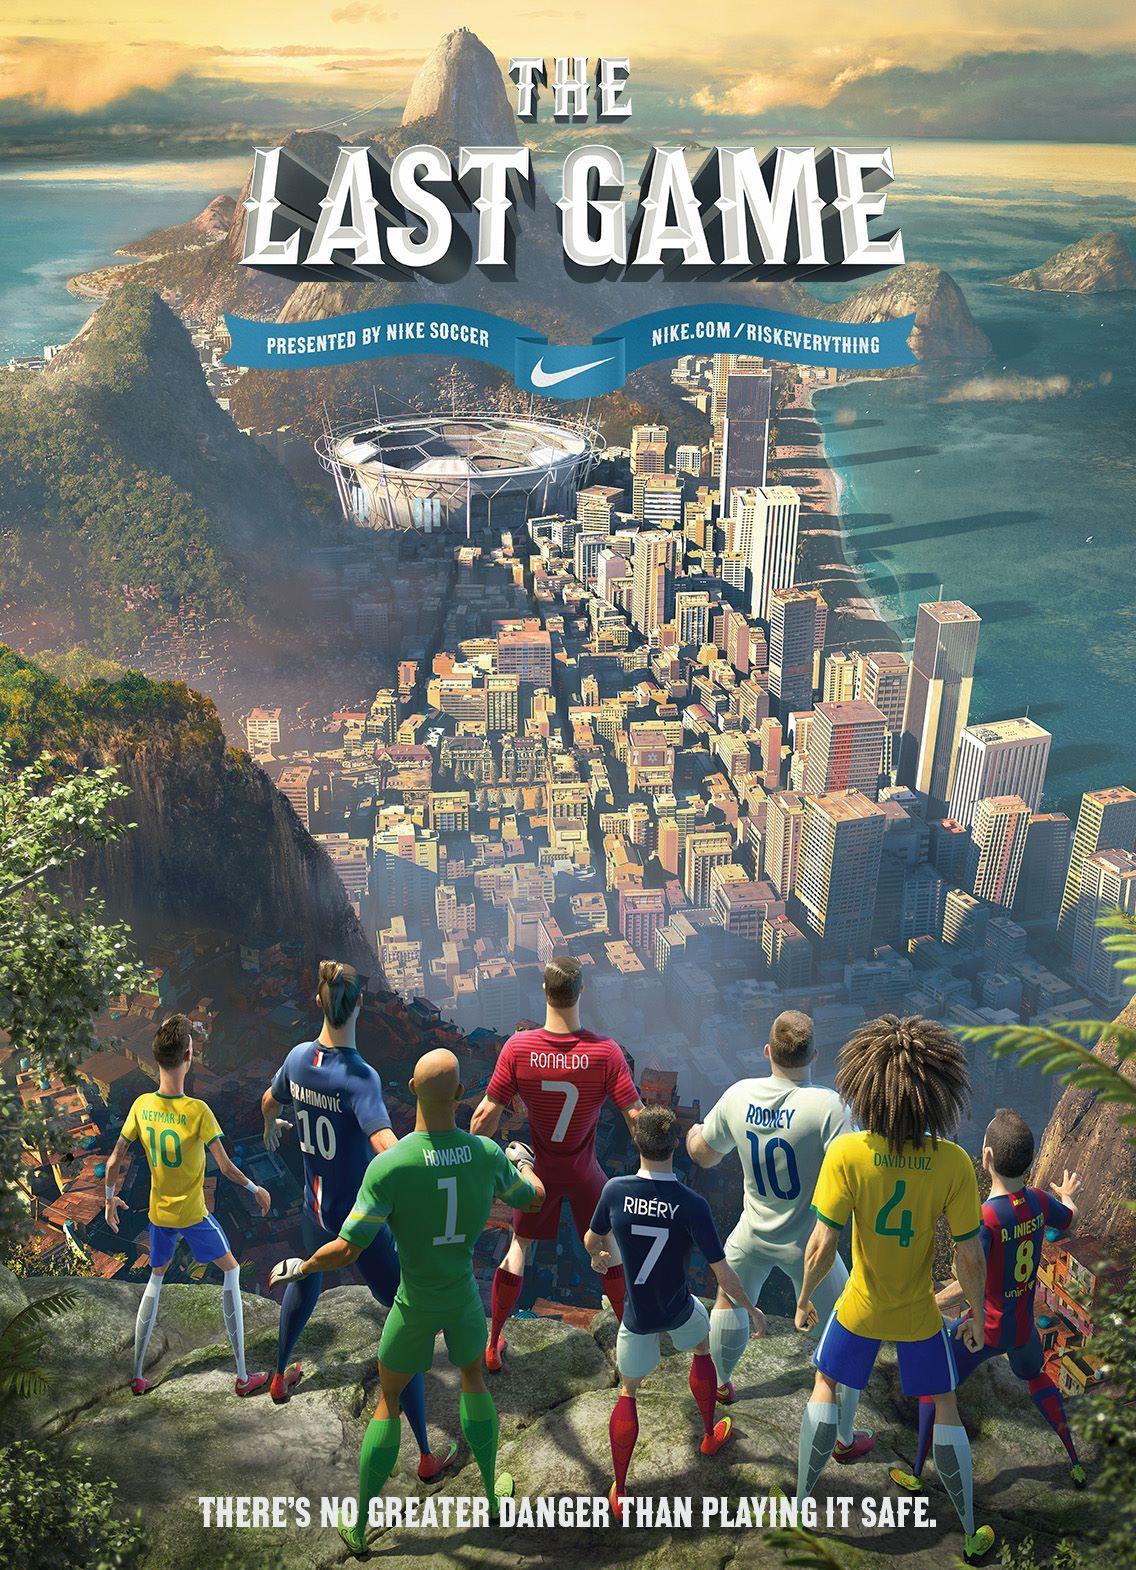 Finito Príncipe Mucho  Nike The Last Game poster #futbol #soccer #ronaldo #andresinesta #davidluiz  #neymar #rooney   Nike football, Soccer art, Football wallpaper